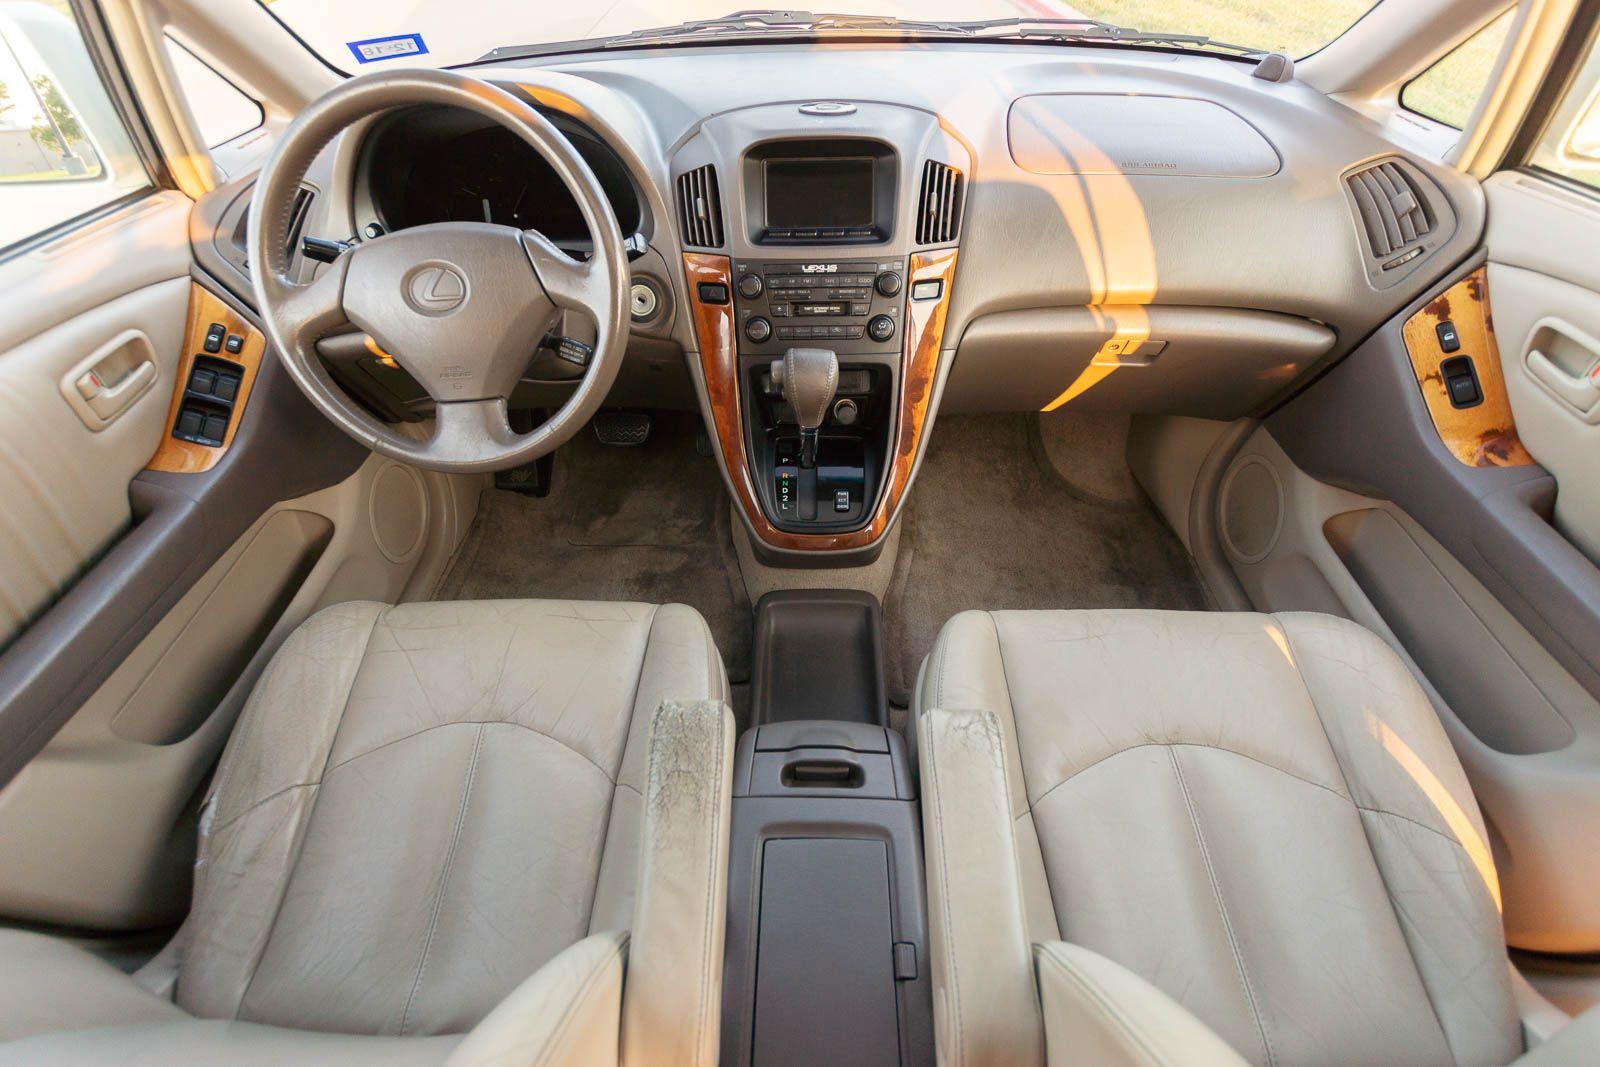 2000 lexus rx300 steering wheel size